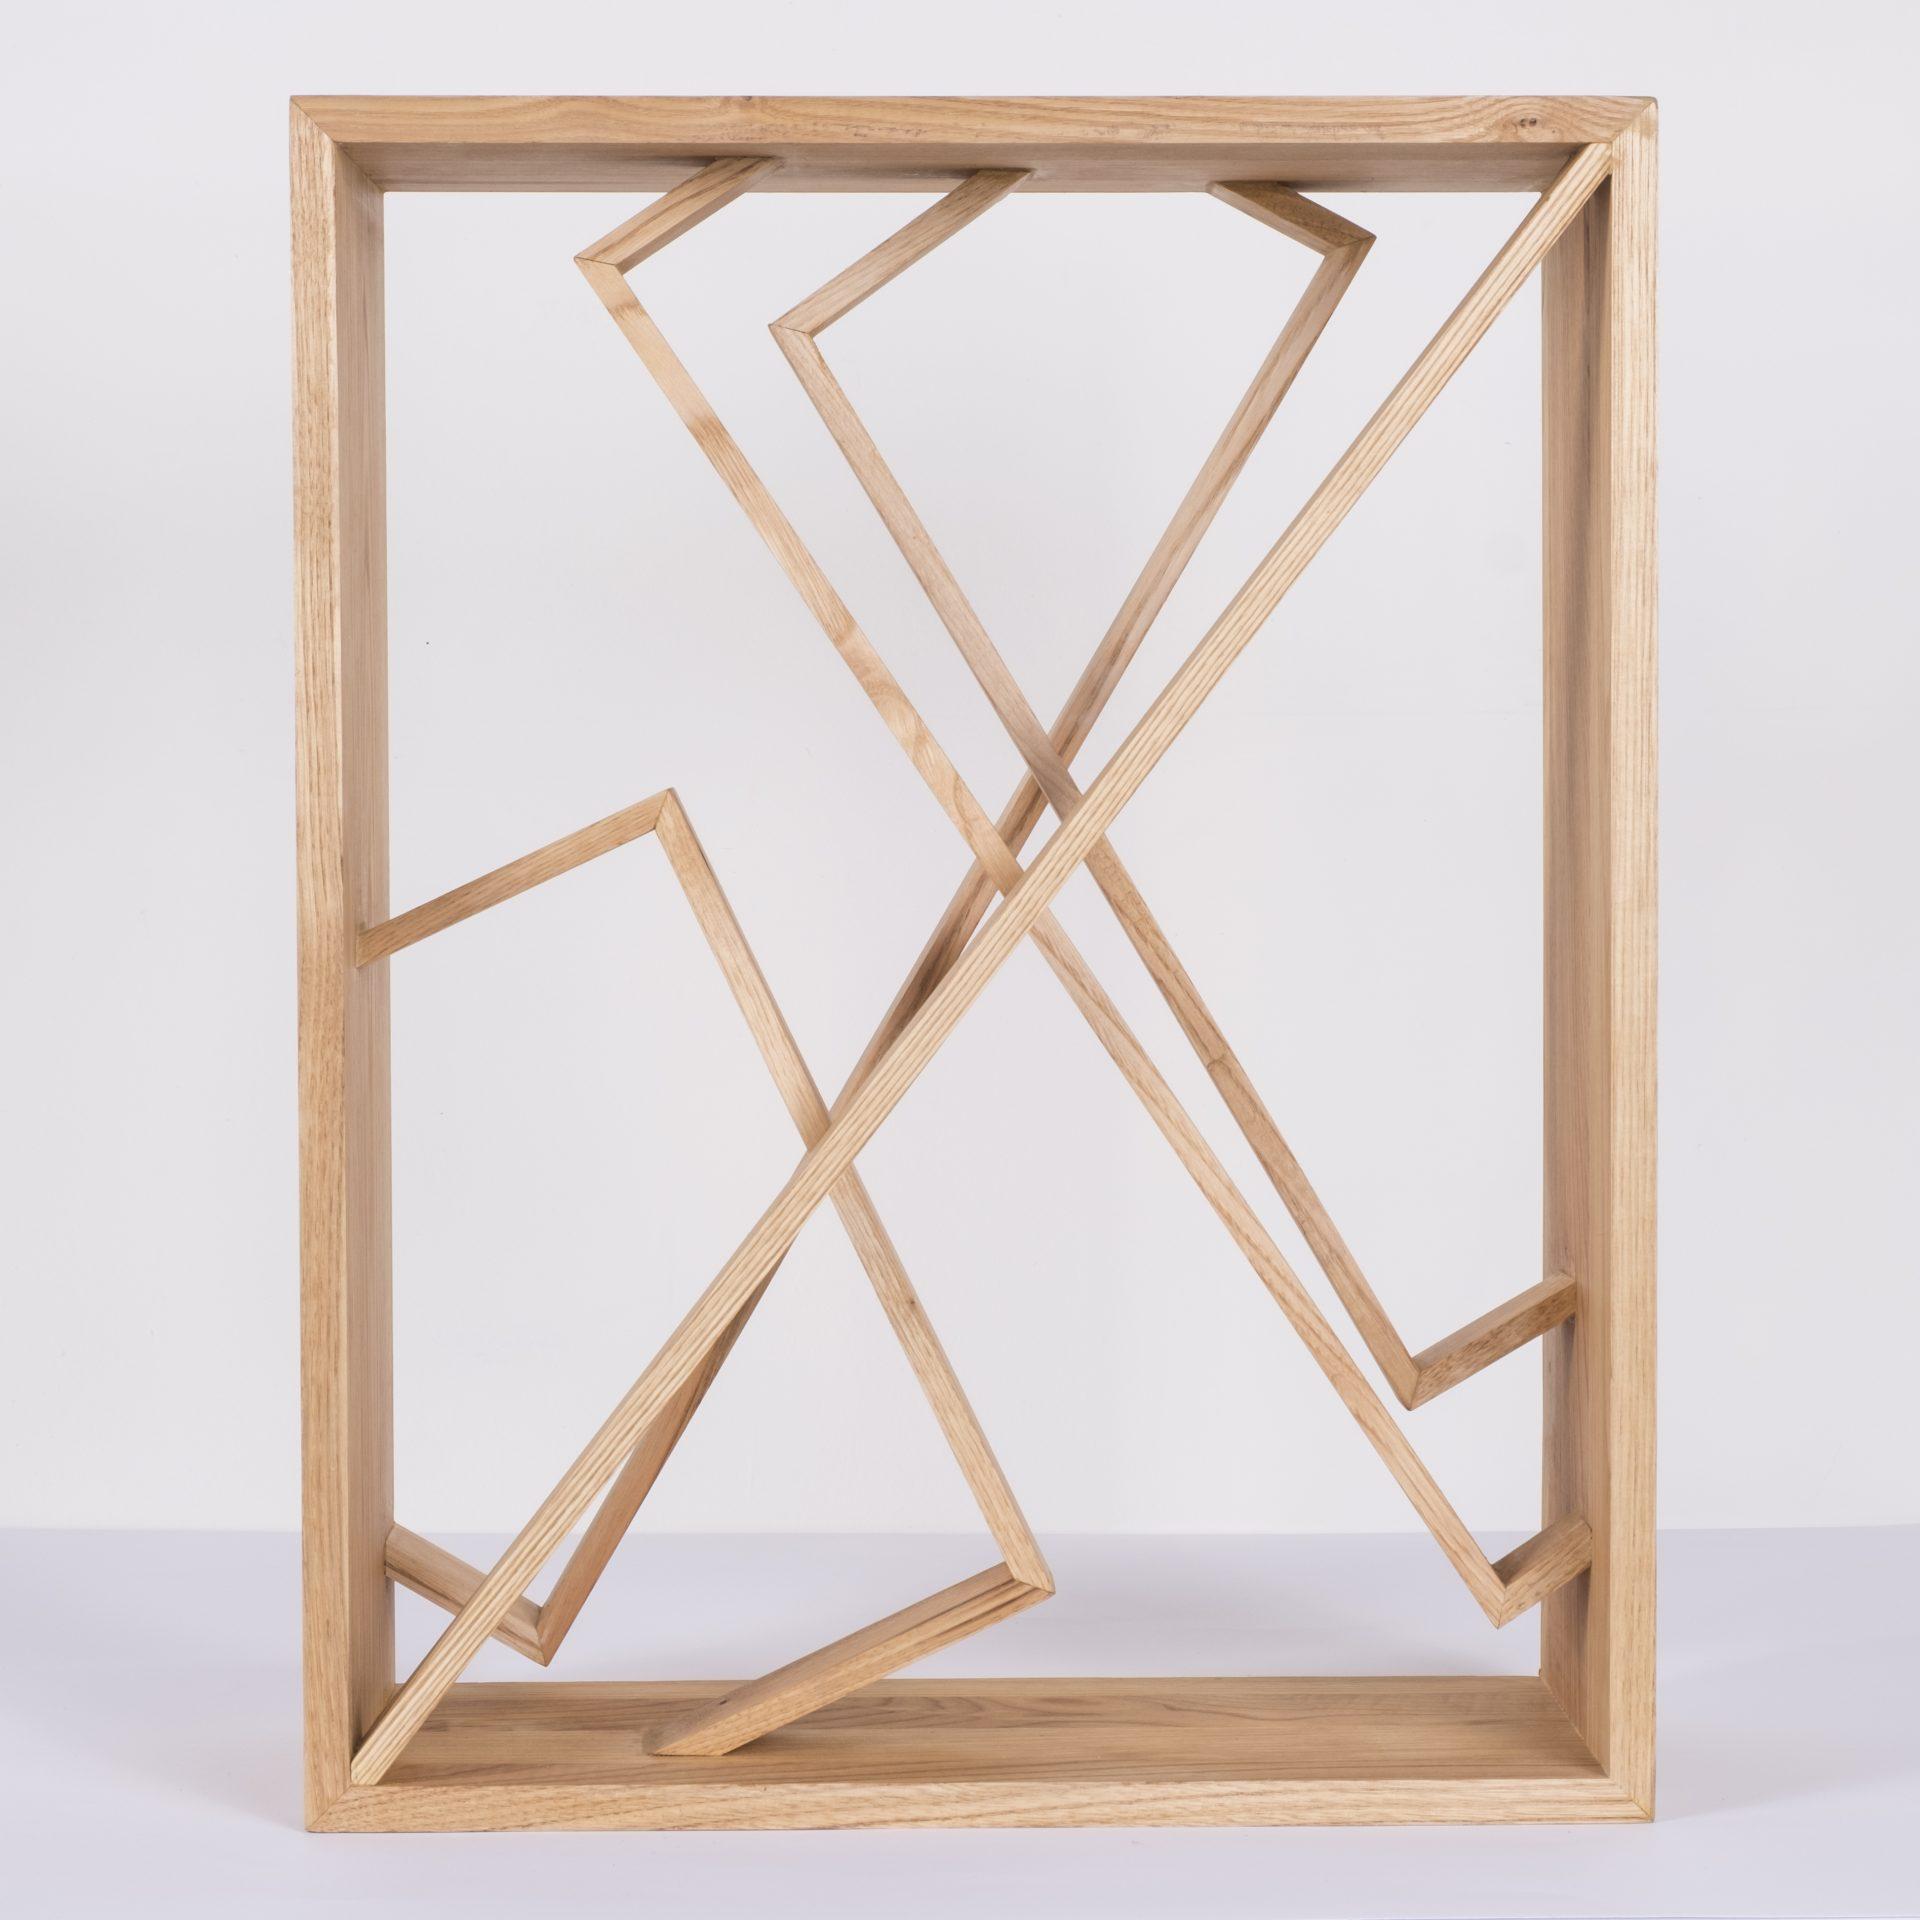 Unlimited in Dynamo<br>RMR23<br>misure: circa 44 x 56 cm<br>tecnica: legno castagno <br>anno: 2018<br>